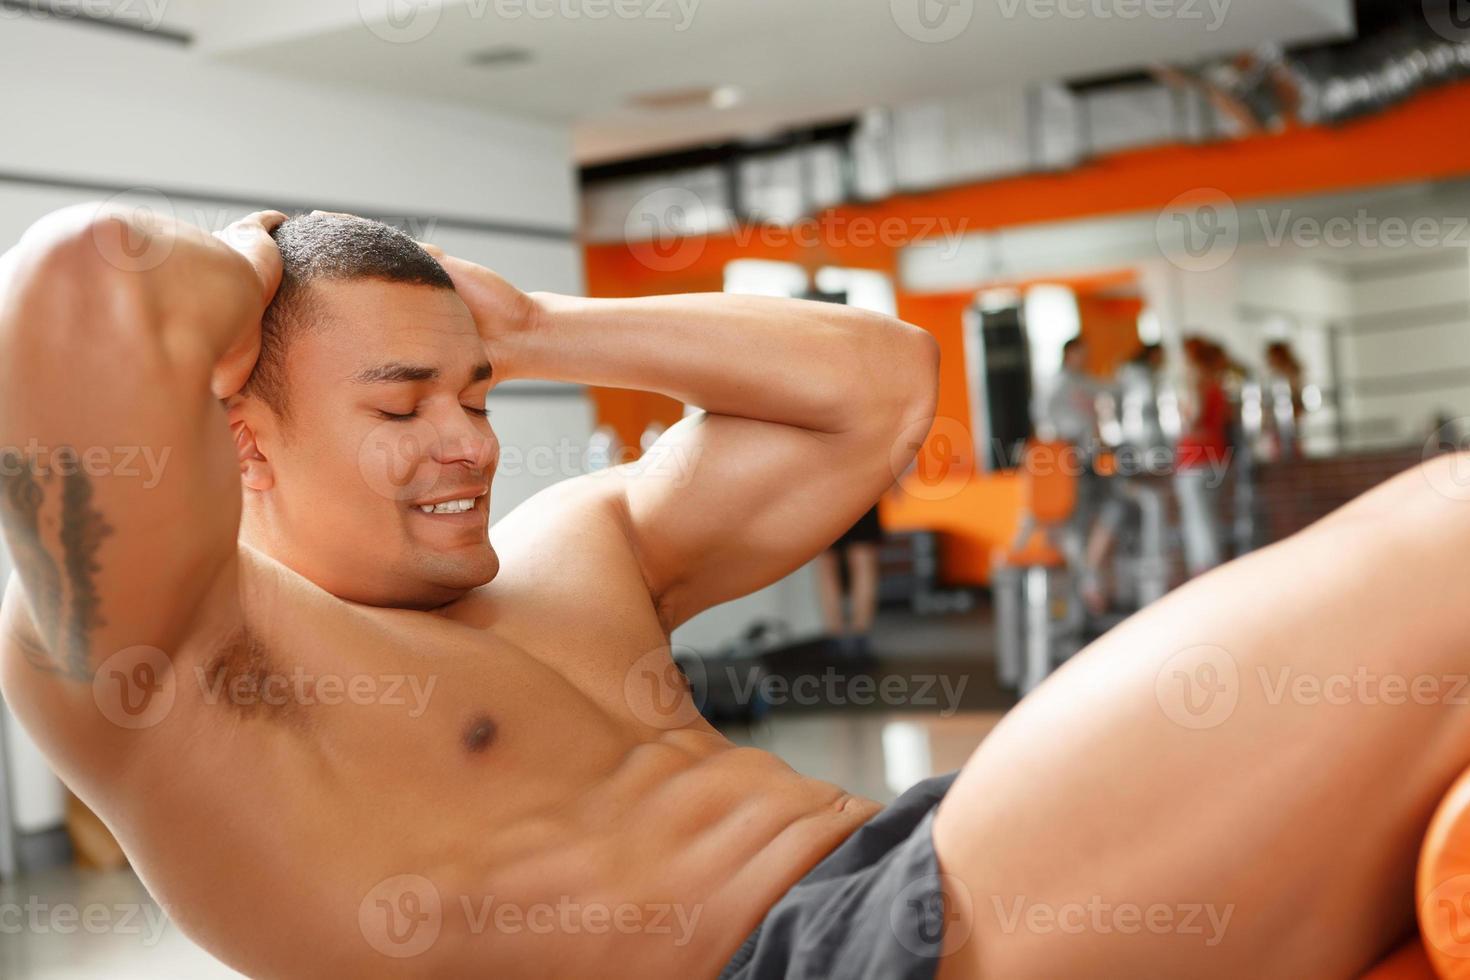 jeune, agréable, homme, faire, abdominal, craquements, dans, gymnase photo